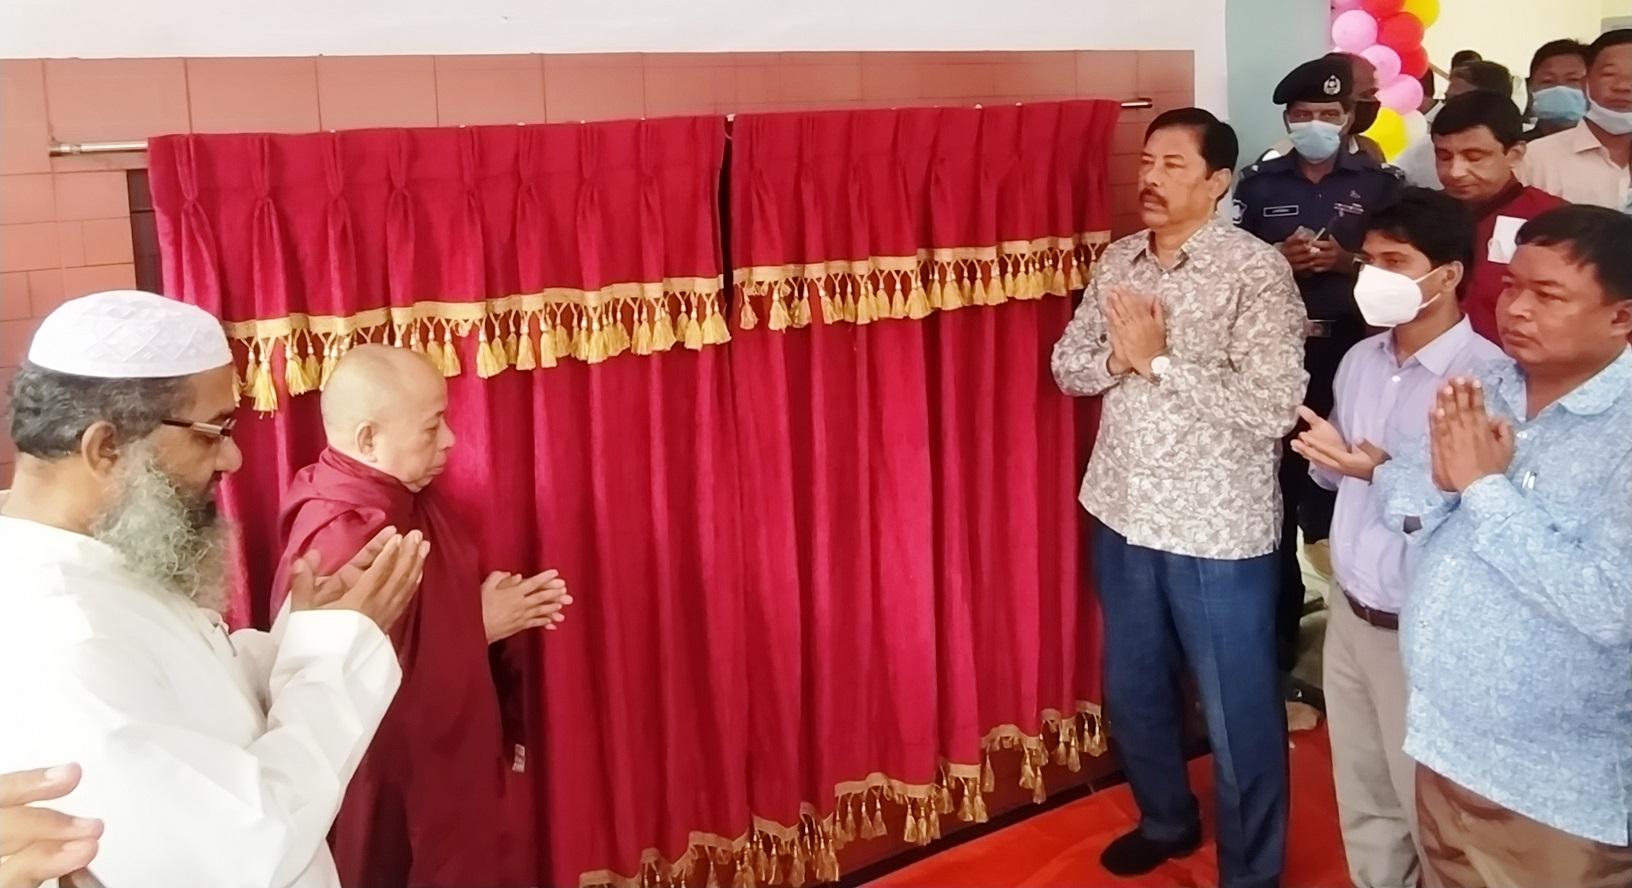 বান্দরবানে ৫টি উন্নয়ন কাজের উদ্ধোধন